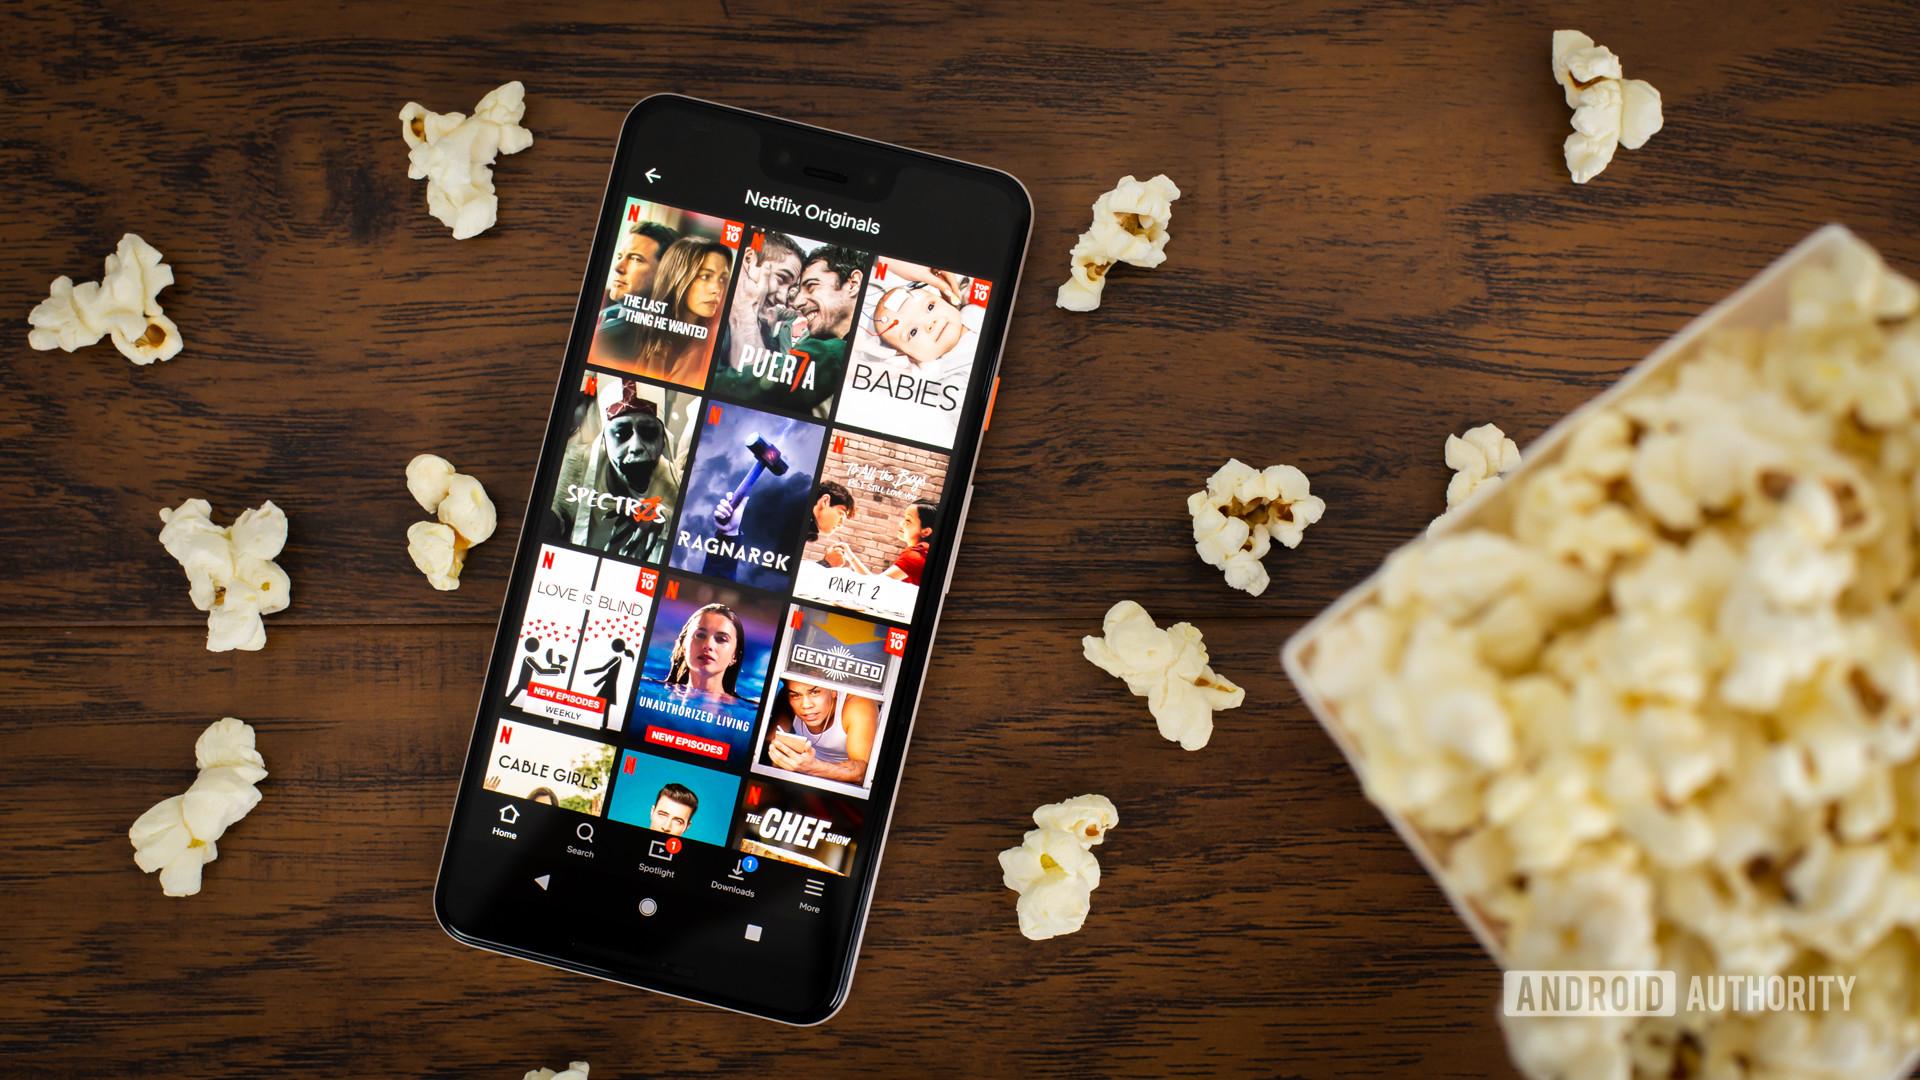 Netflix Originals next to popcorn stock photo 3